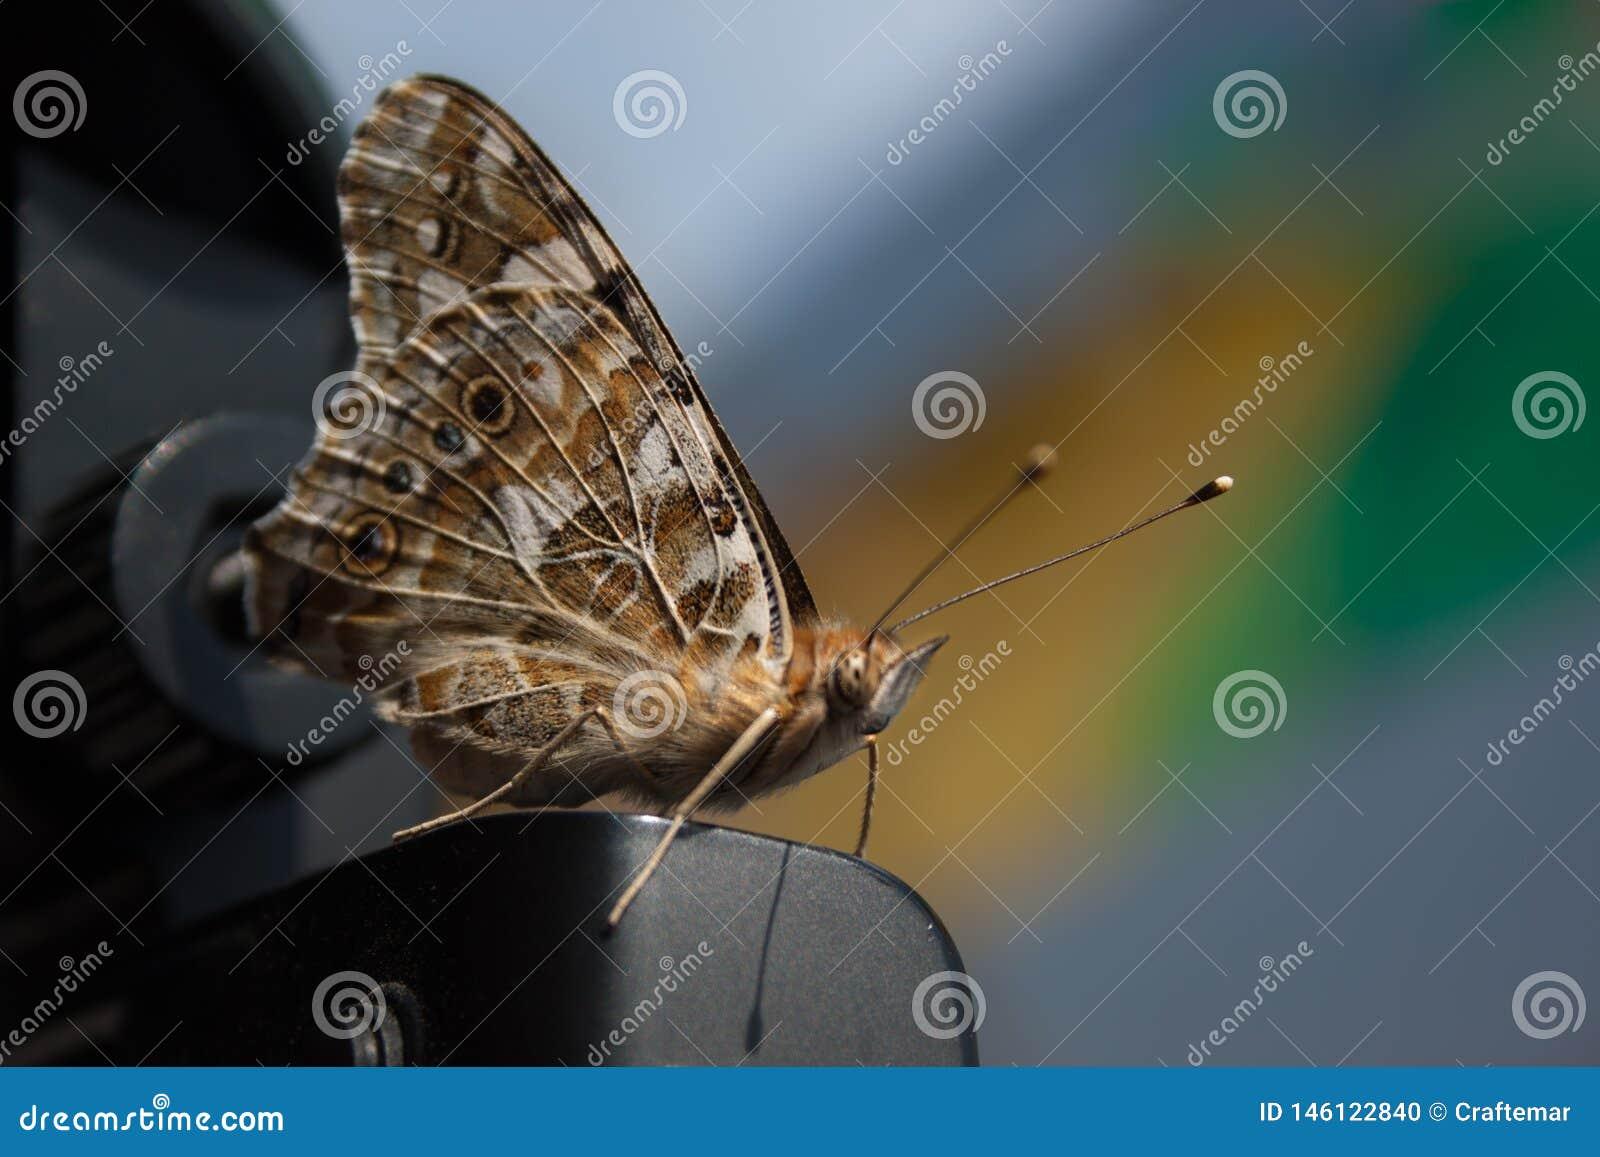 Бежевая коричневая бабочка шкипера с длинными усиками и пушистым телом фотография макроса Конец-вверх Hesperioidea